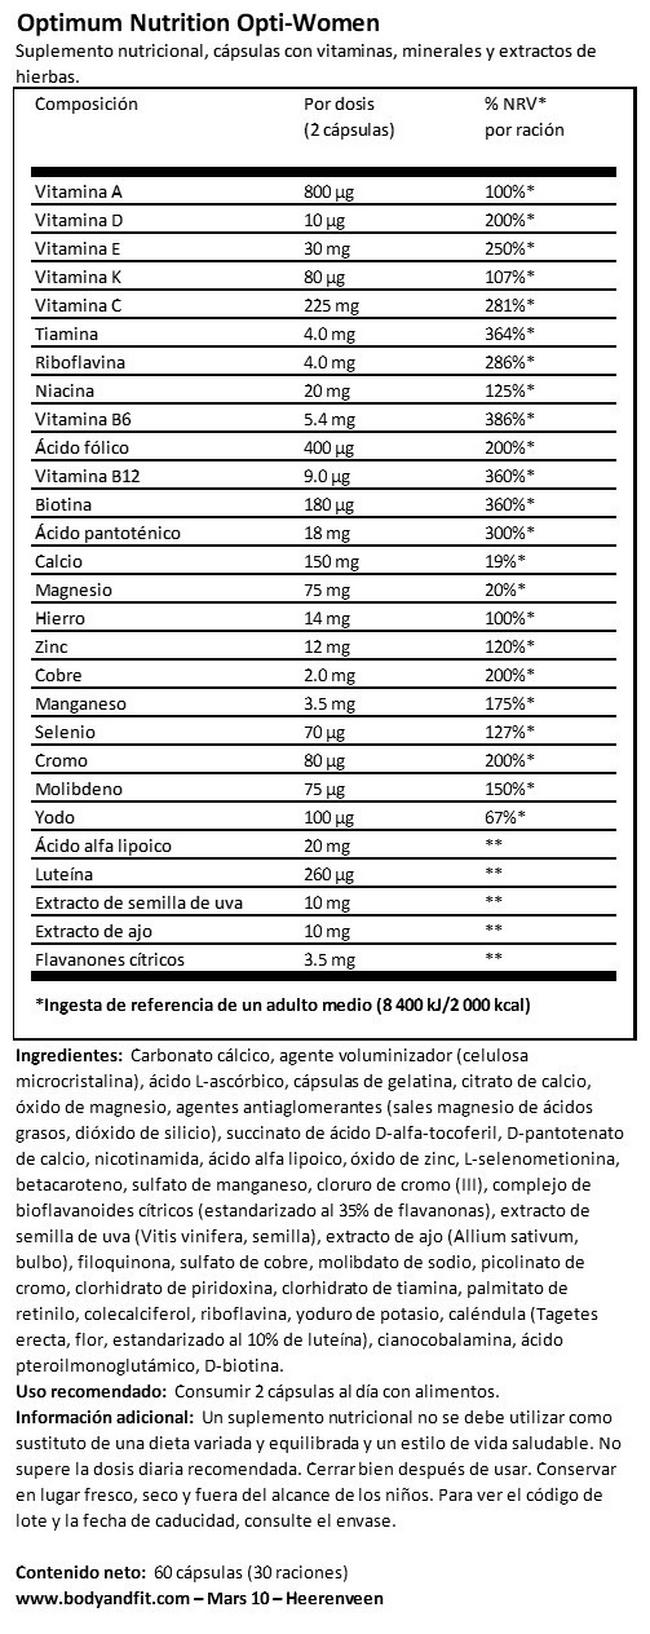 OPTI-WOMEN (VITAMINAS, MINERALES Y EXTRACTOS DE PLANTAS) Nutritional Information 1